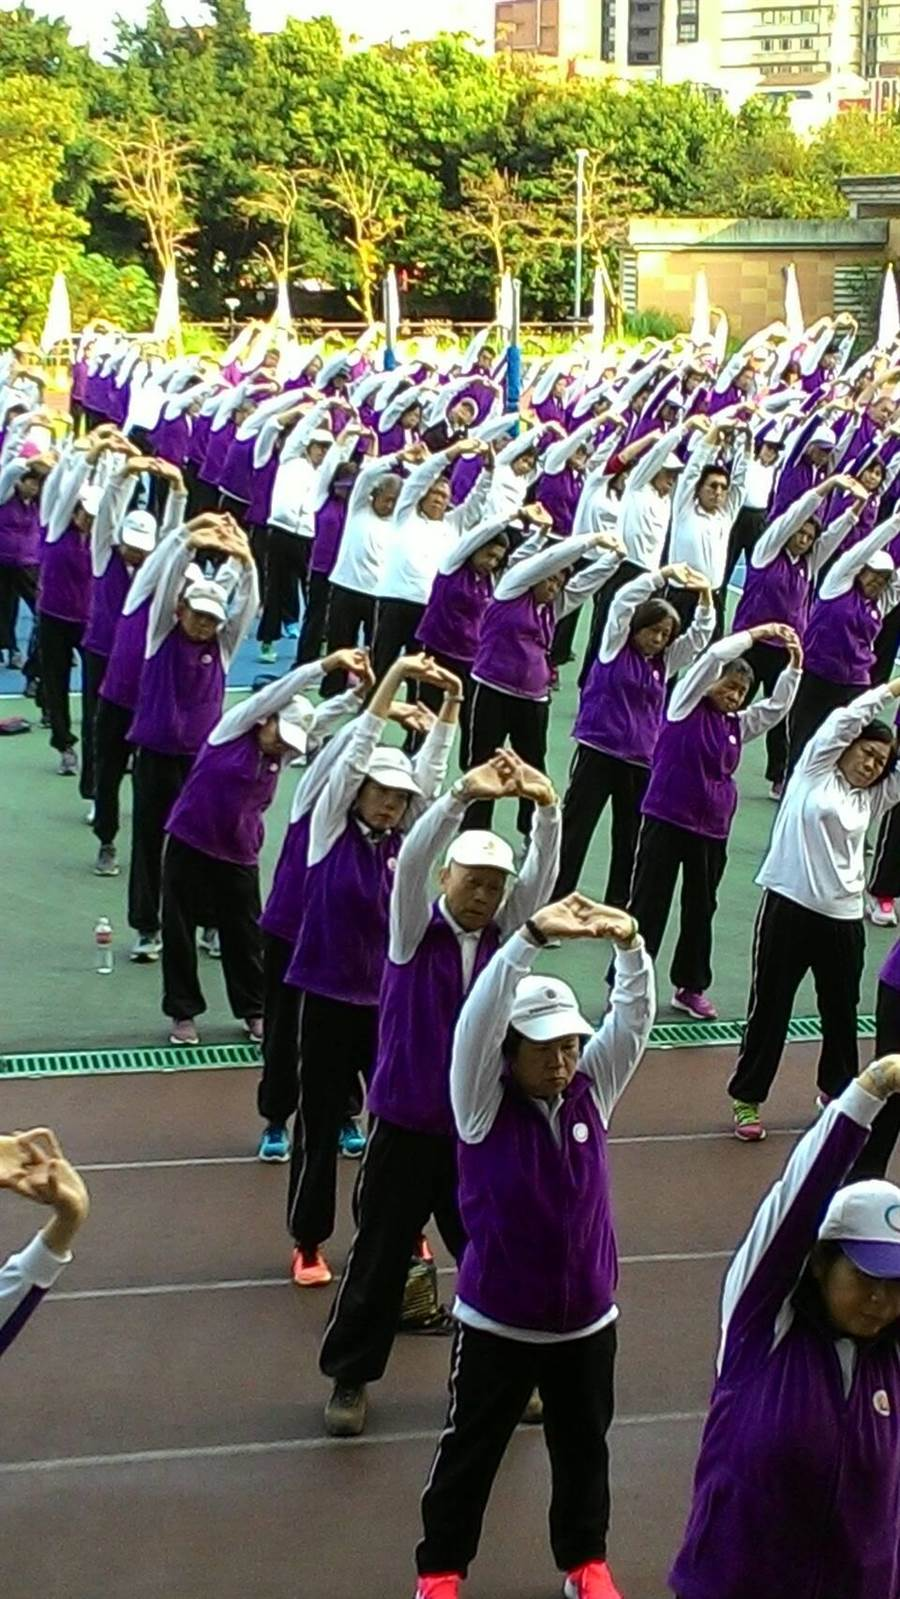 返老還童氣功協會今(13日)在新北市板橋高中盛大舉辦成立第600個練功場授旗暨千人大團練。(葉書宏翻攝)